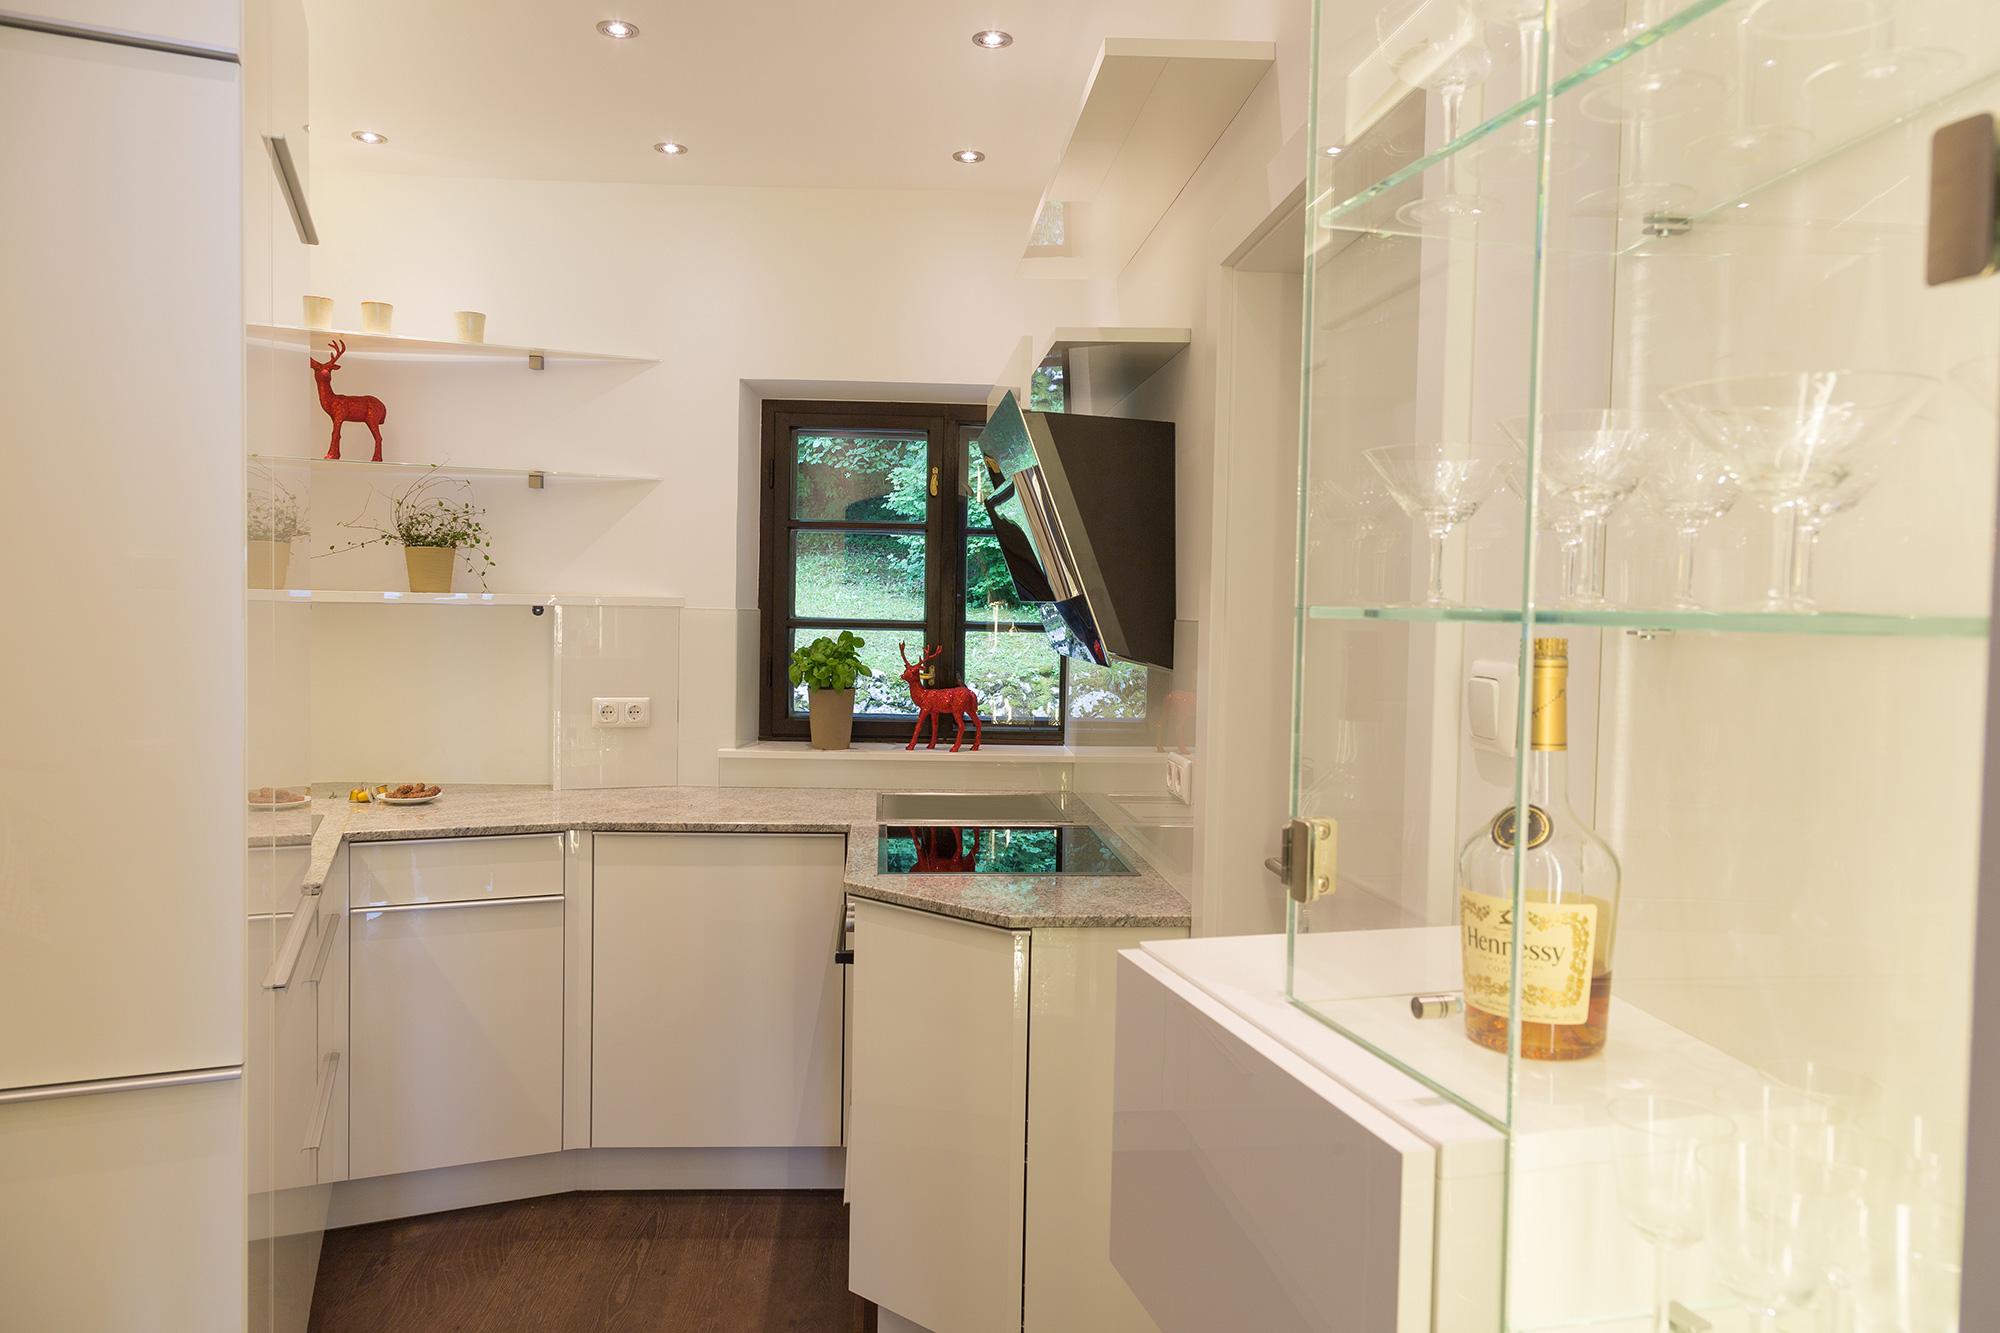 küche-klein-hell-wenig-platz-glas-beleuchtung-cornelia-kronberger-1